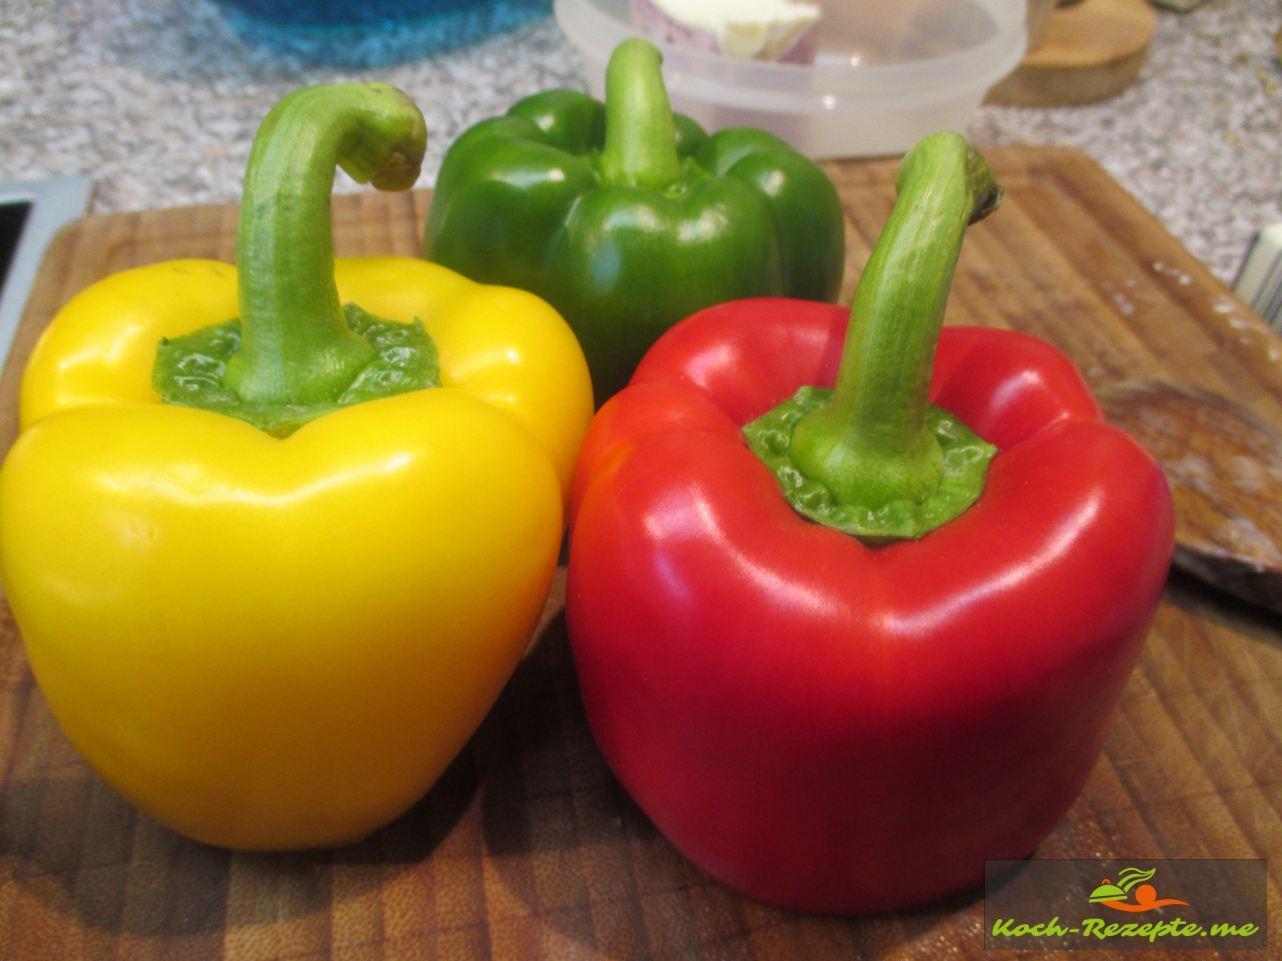 Paprika rot, gelb und grün